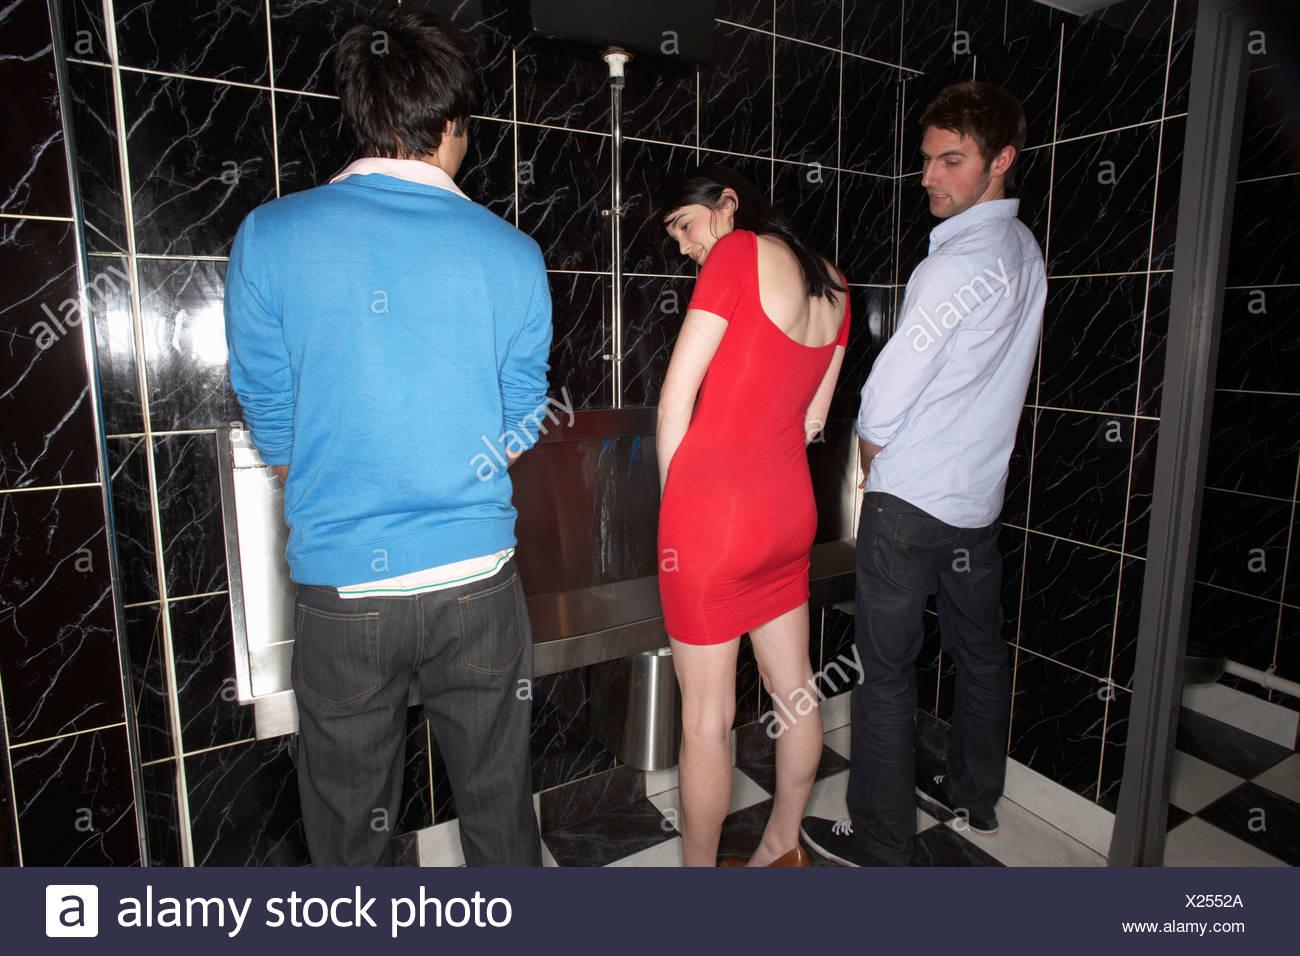 Una mujer y dos hombres de pie en mens urinal Imagen De Stock